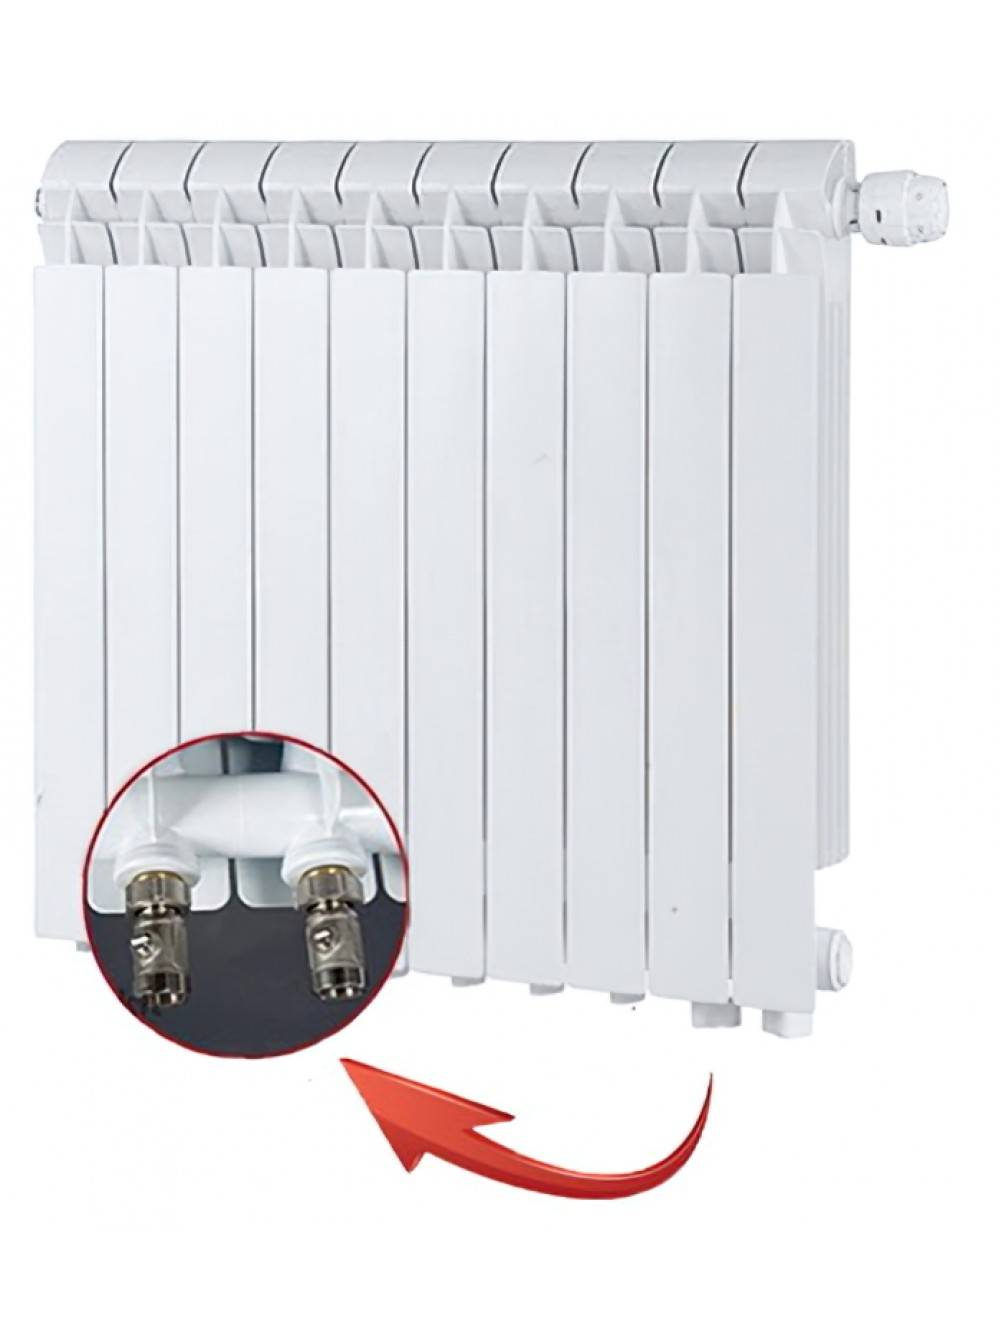 Алюминиевые радиаторы GLOBAL VOX-R нижнее правое подключение 500/95/12 сек